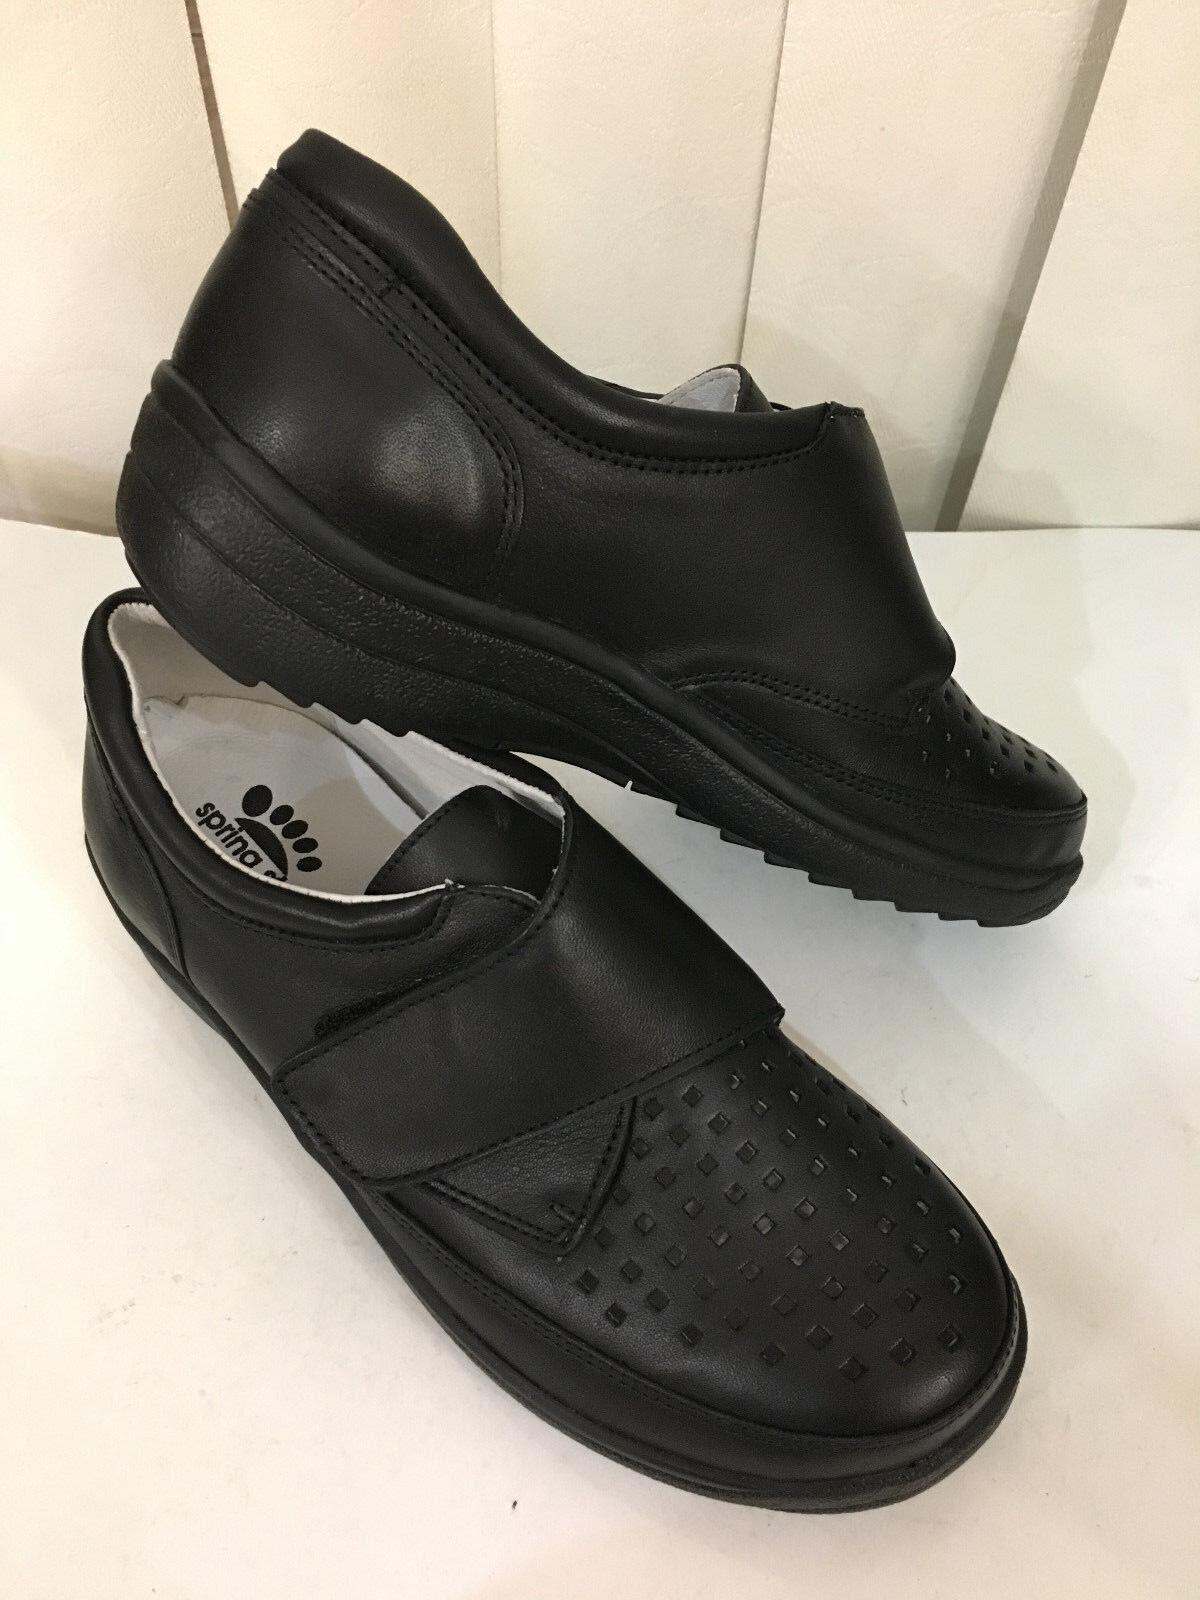 una marca di lusso Spring Step Crestor nero Leather Low Wedge Wedge Wedge Strap Dimensione 35-42 (US 5-11)  vendite dirette della fabbrica